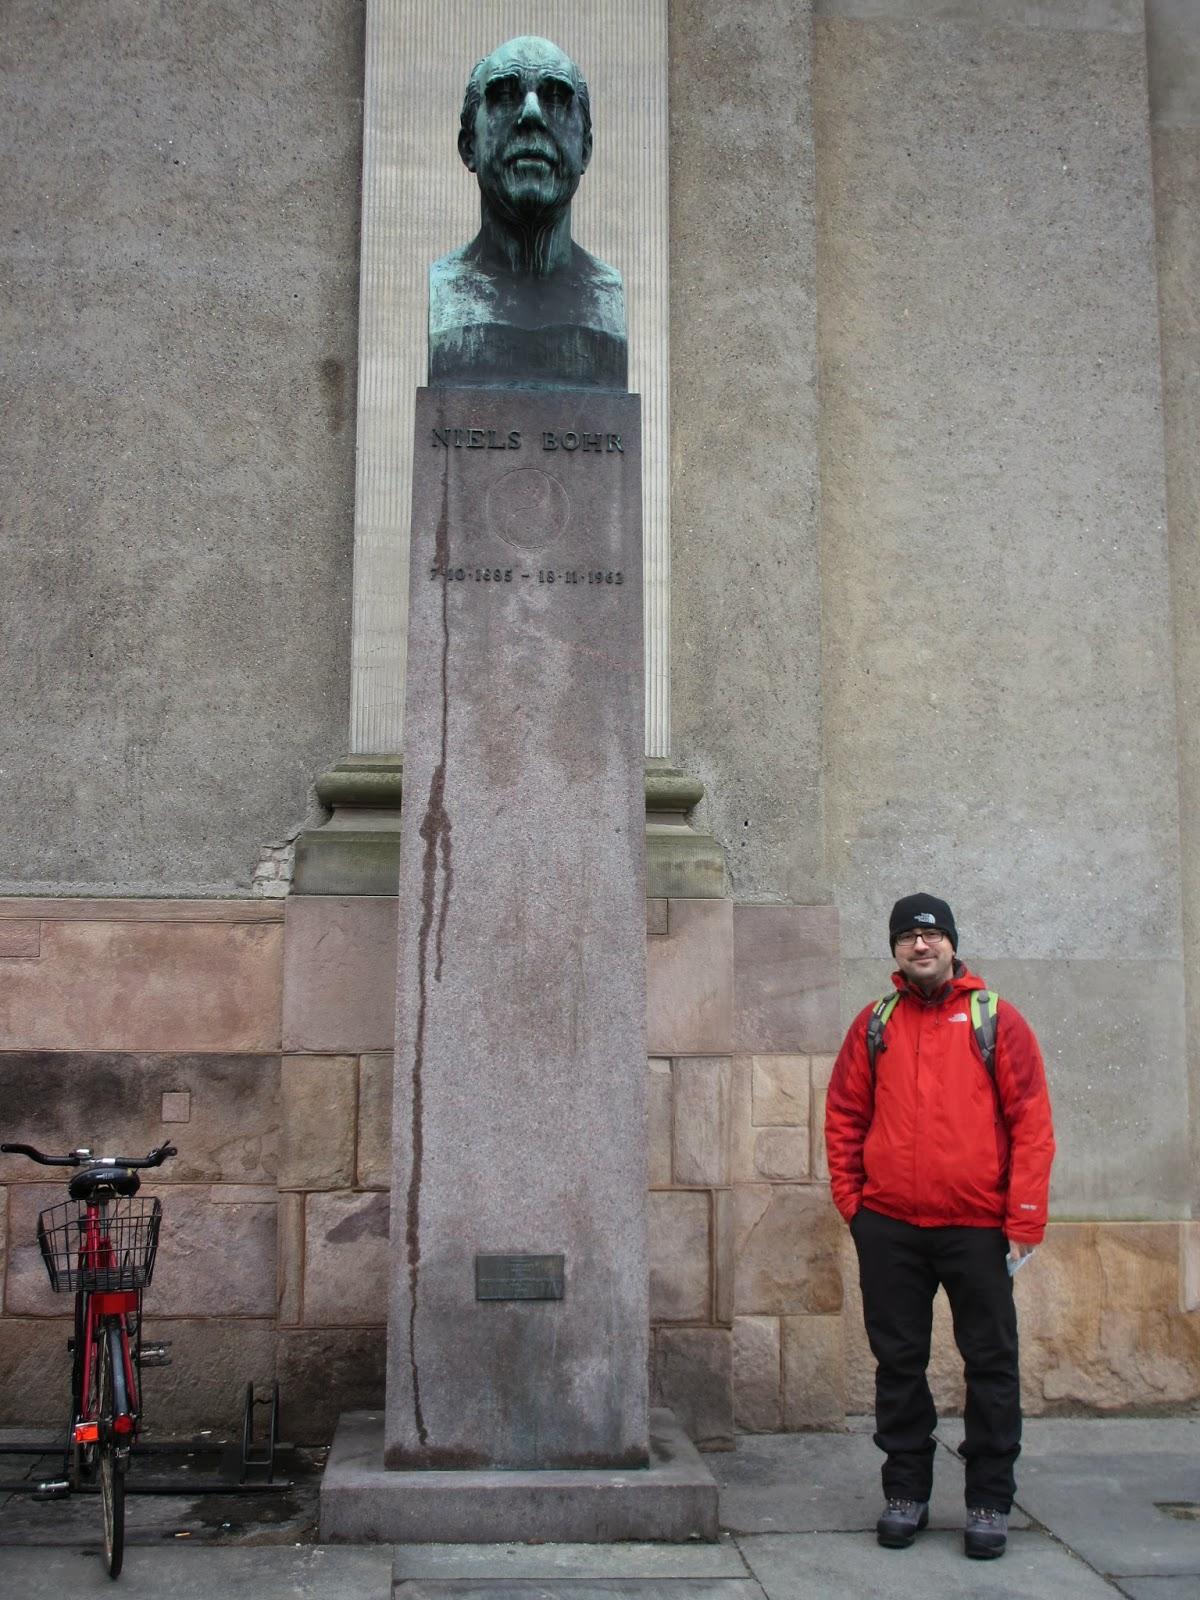 Aprender Física em Copenhaga - NIELS BOHR e o nascimento da física moderna | Dinamarca